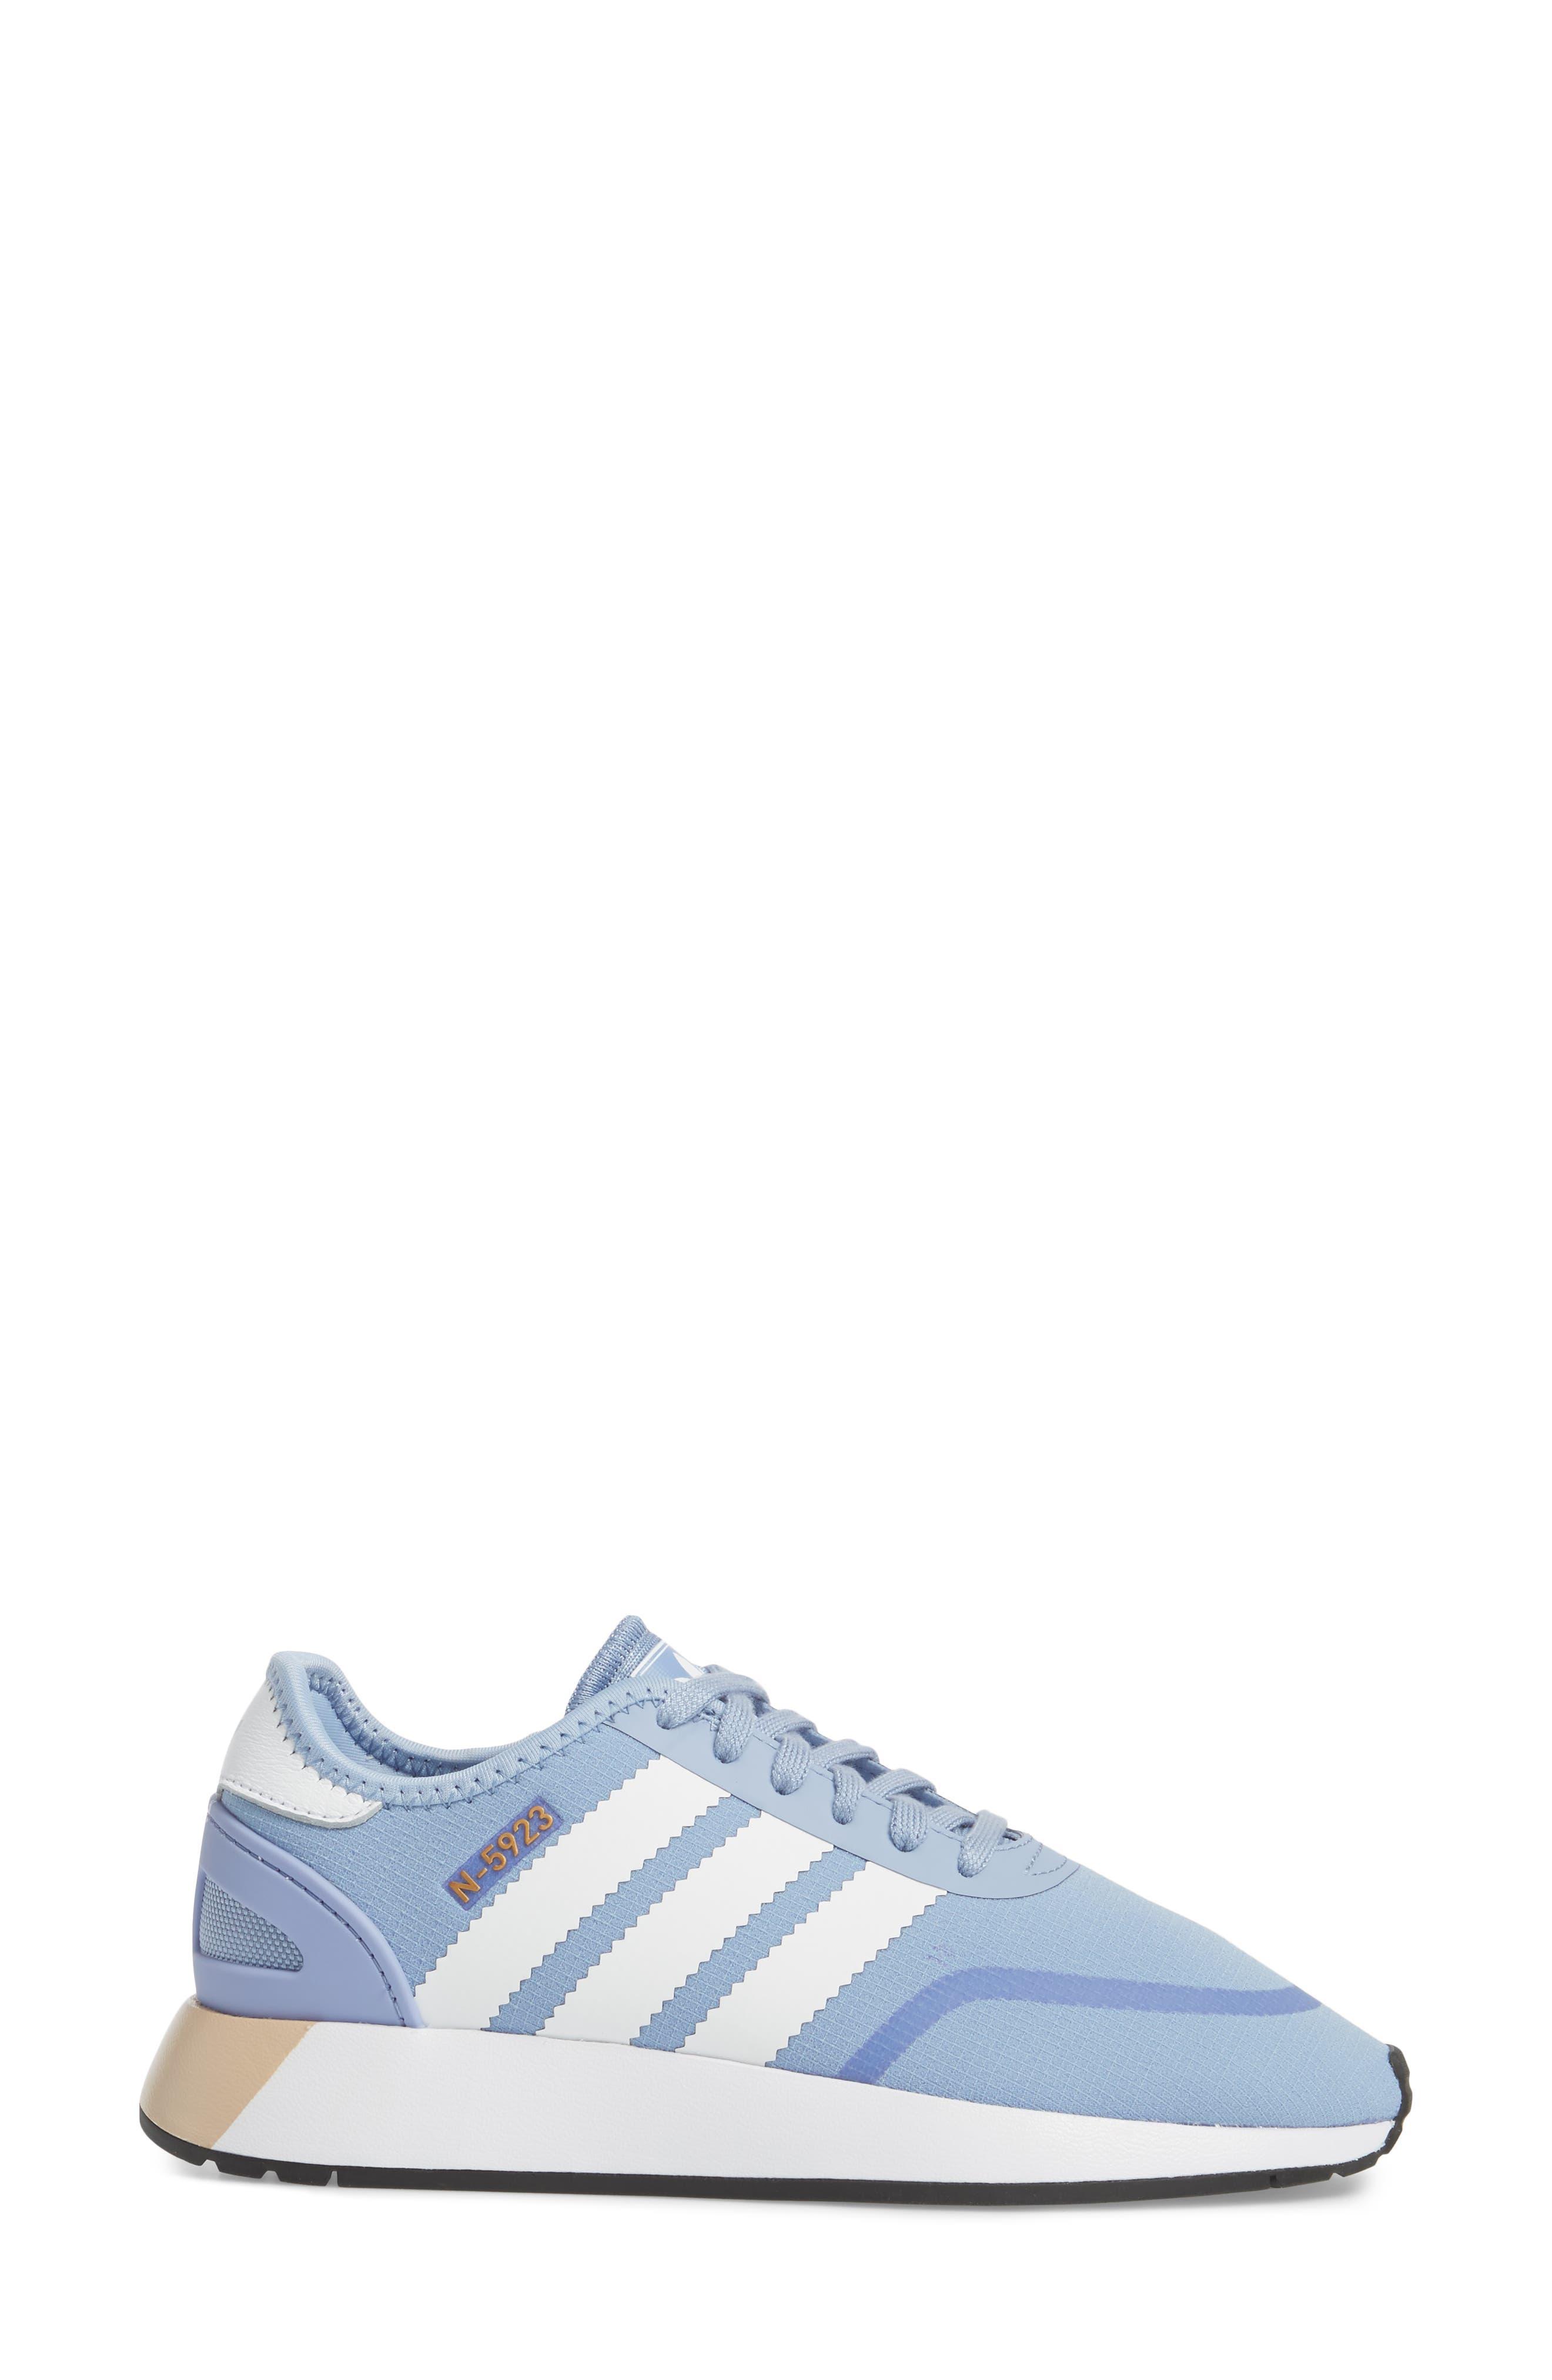 I-5923 Sneaker,                             Alternate thumbnail 3, color,                             Chalk Blue/ White/ White